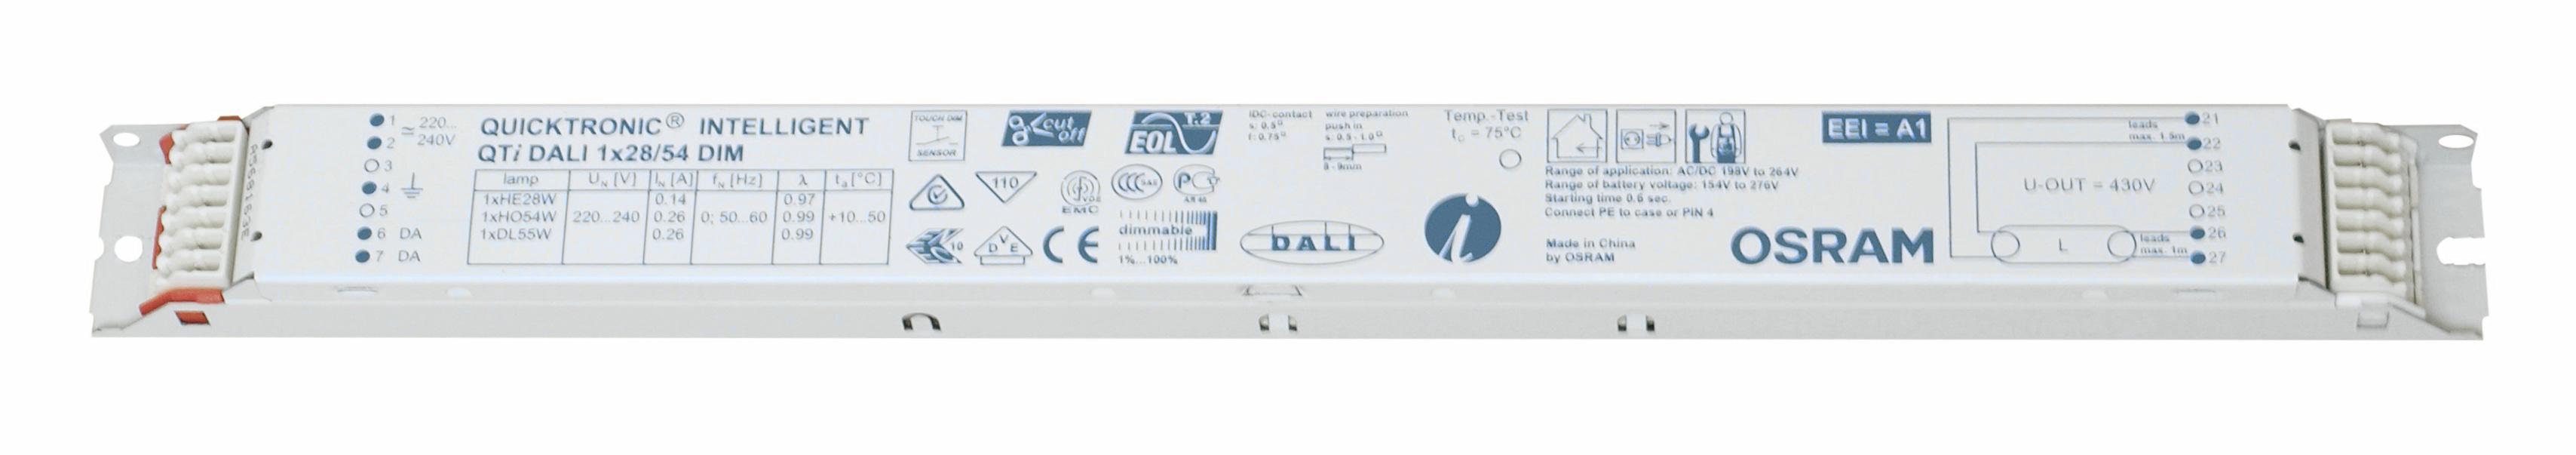 1 Stk EVG QTIDALI 1x58/220-240 für T8 dimmbar DALI LI5Z870823